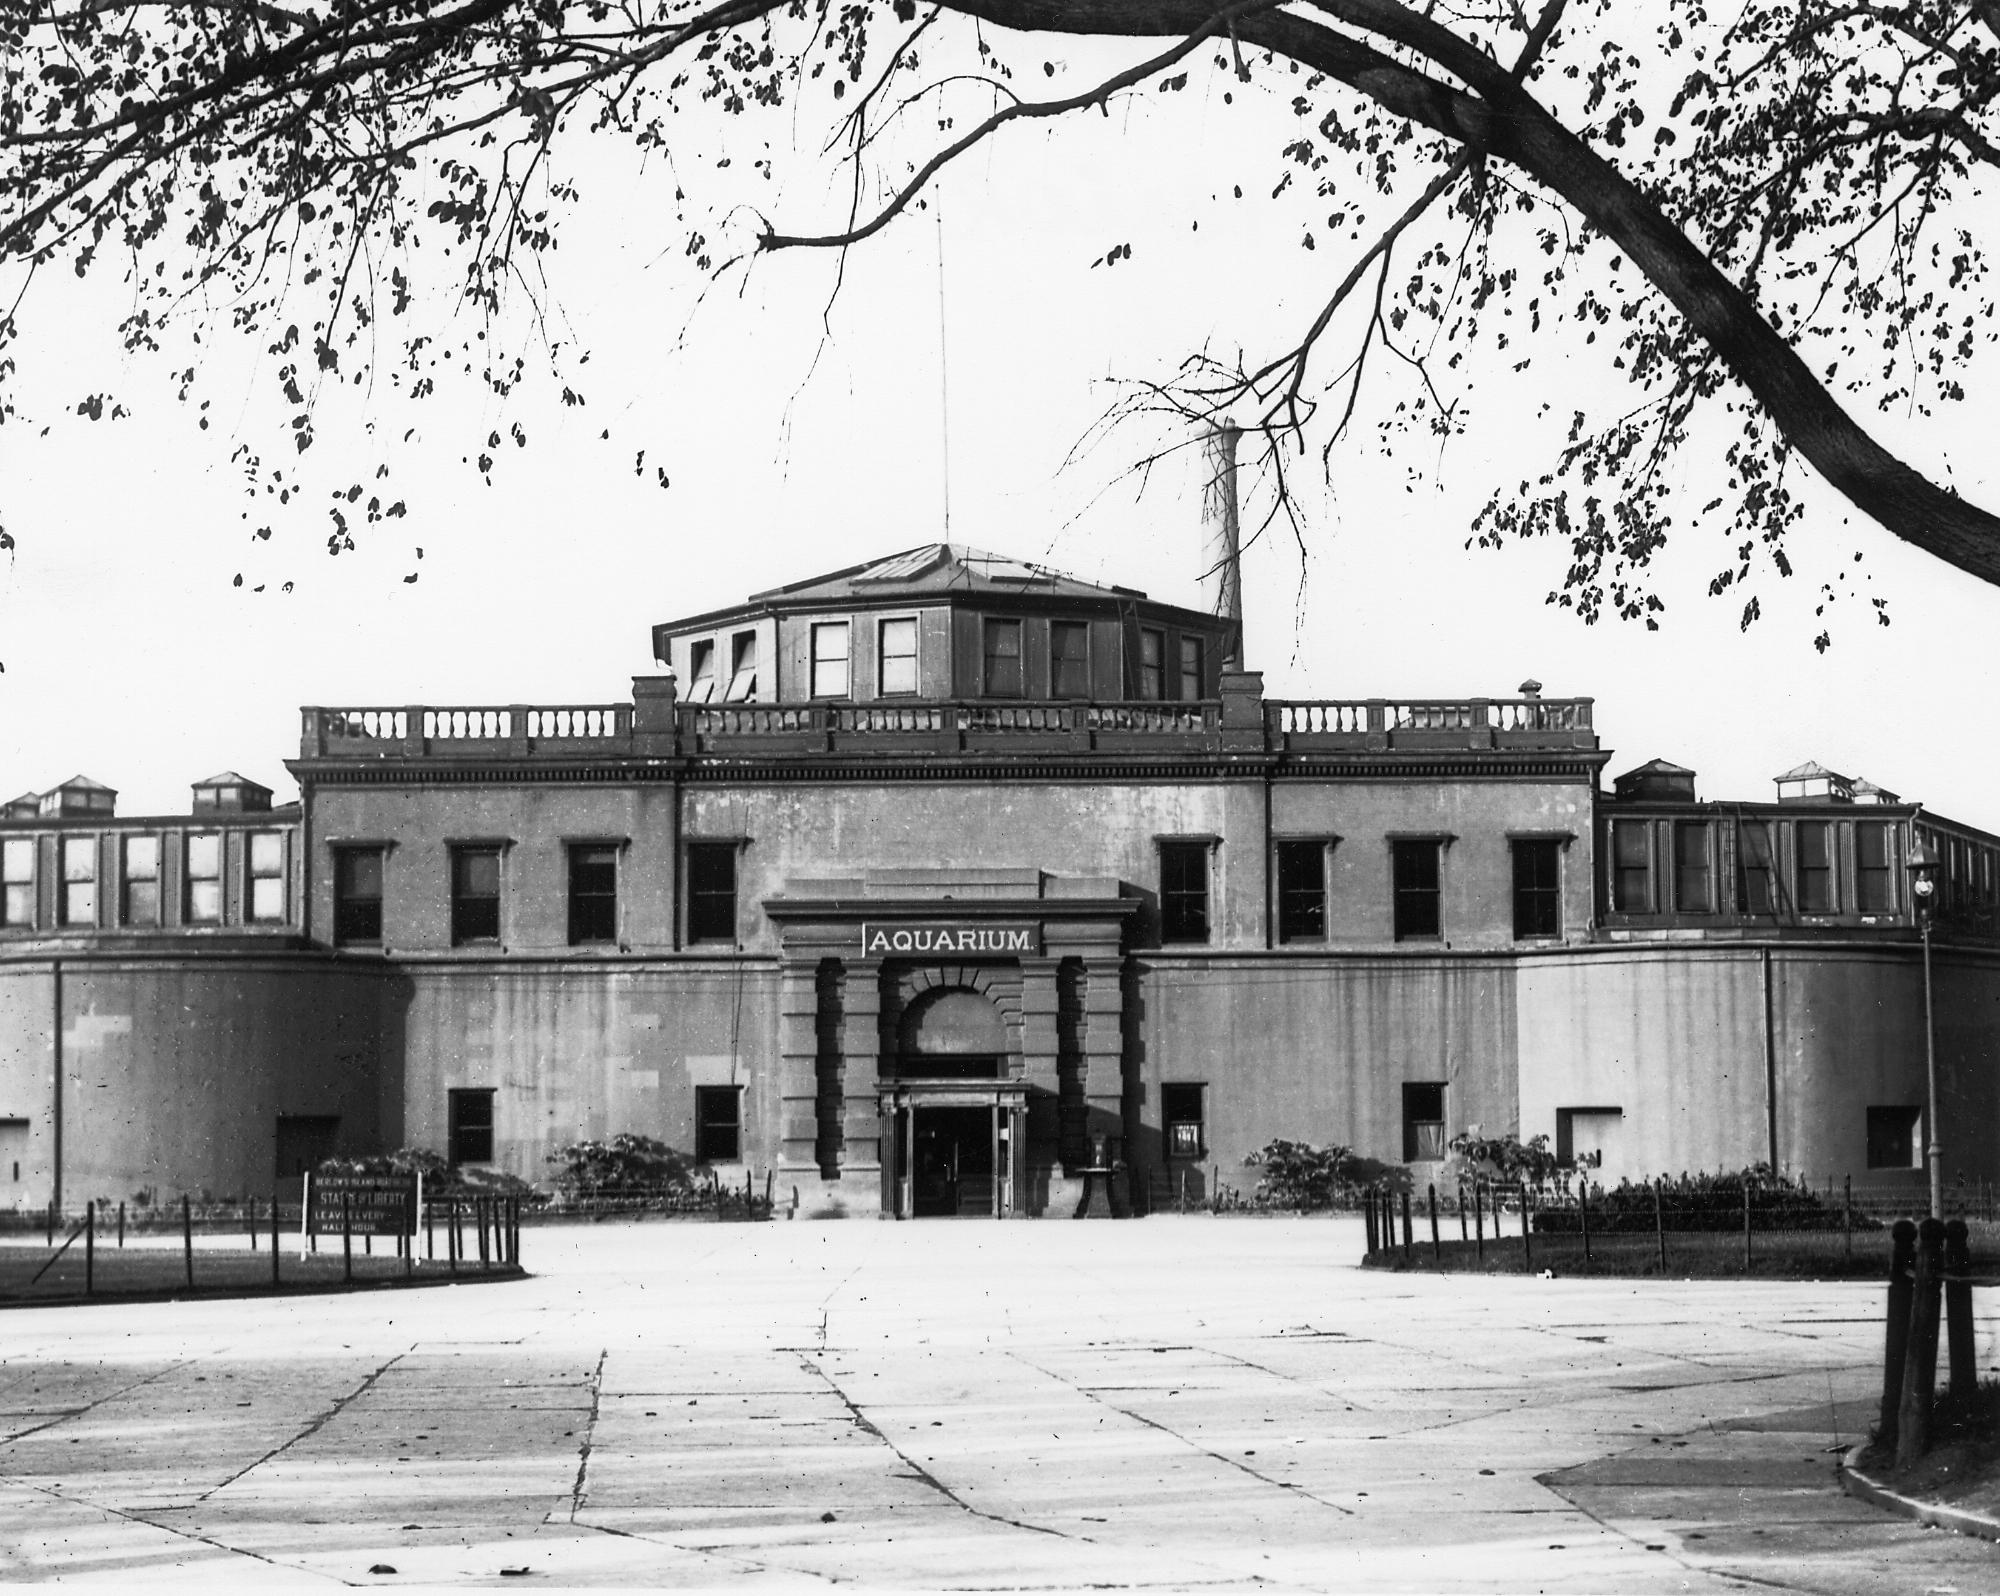 The Old New York Aquarium